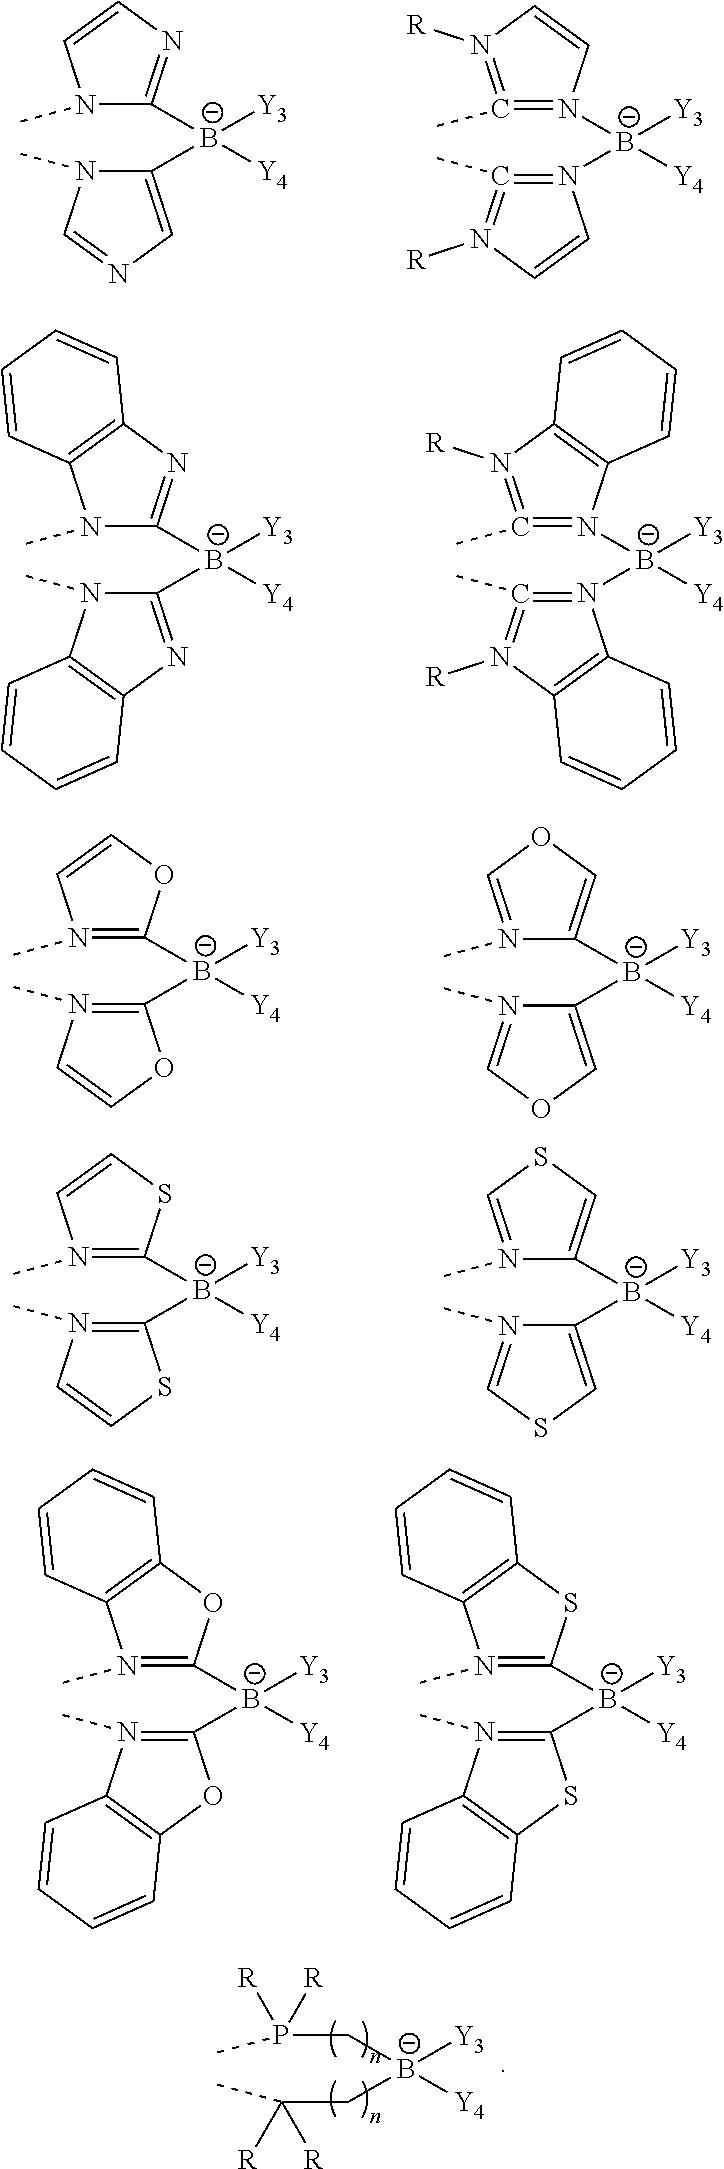 Figure US09773986-20170926-C00272